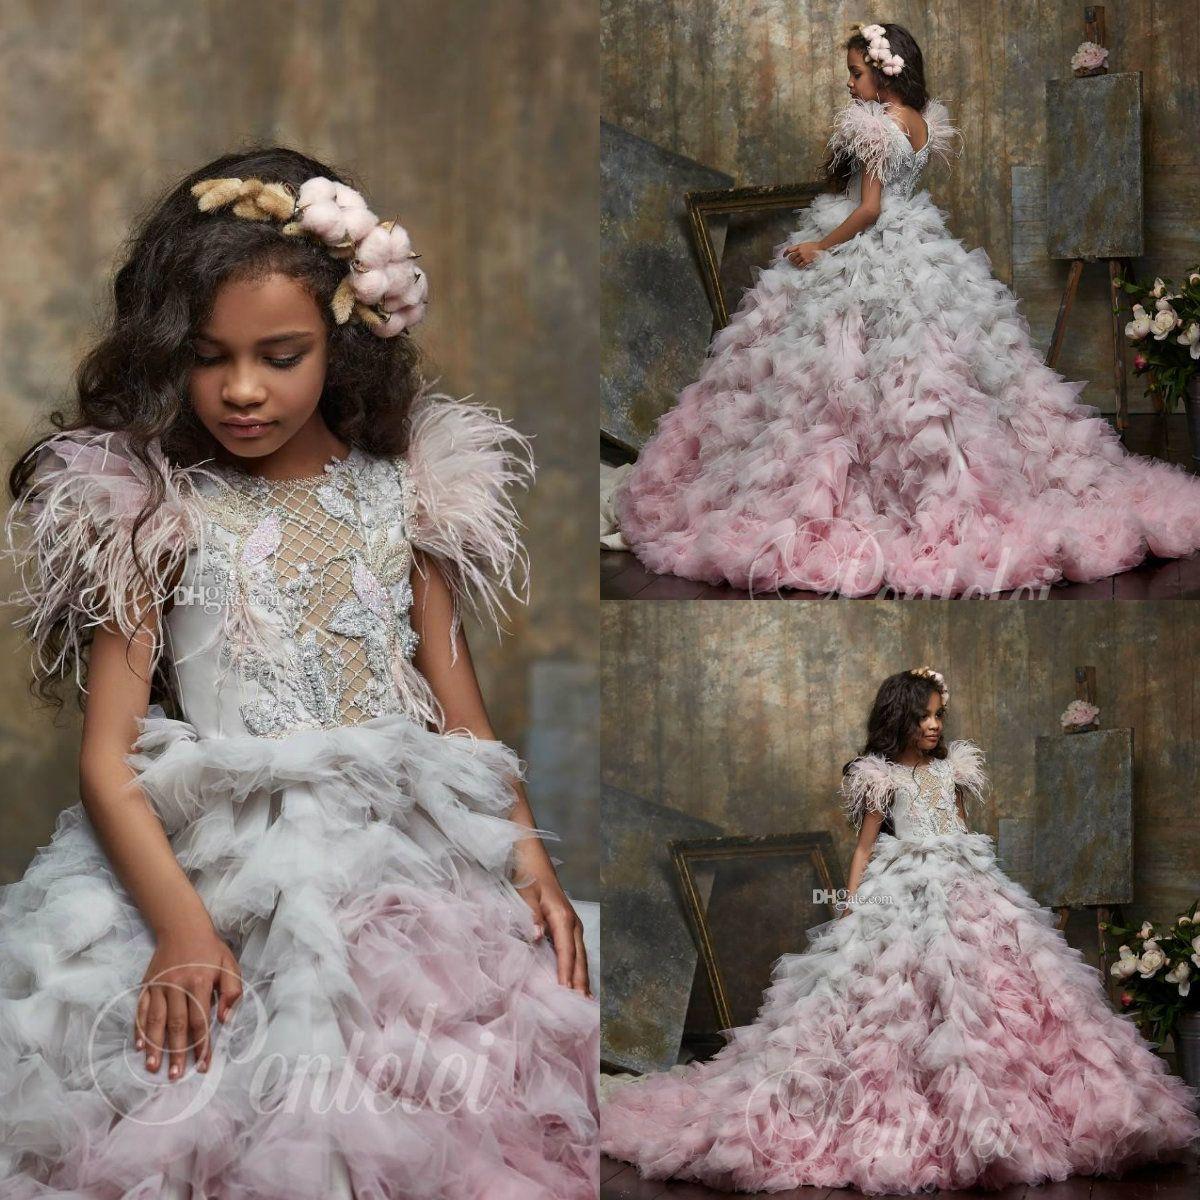 2020 Şirin Çiçek Kız Elbise Mücevher Boyun Aplike Boncuklu Tüy Kız Yarışması Elbise Basamaklı fırfır Tren Custom Made Doğum Gowns Sweep